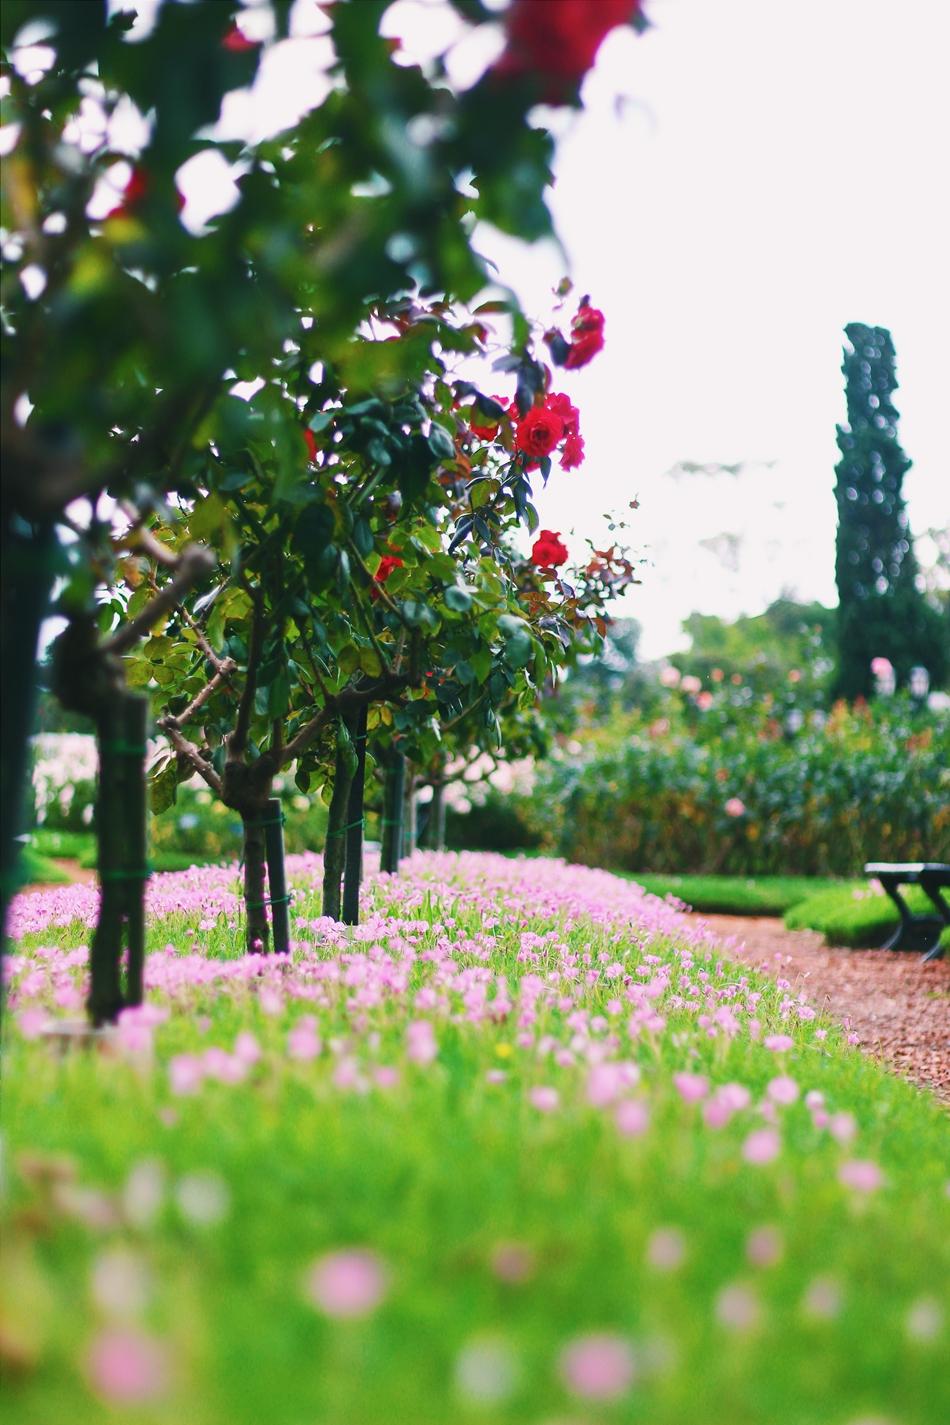 passeio romantico buenos aires